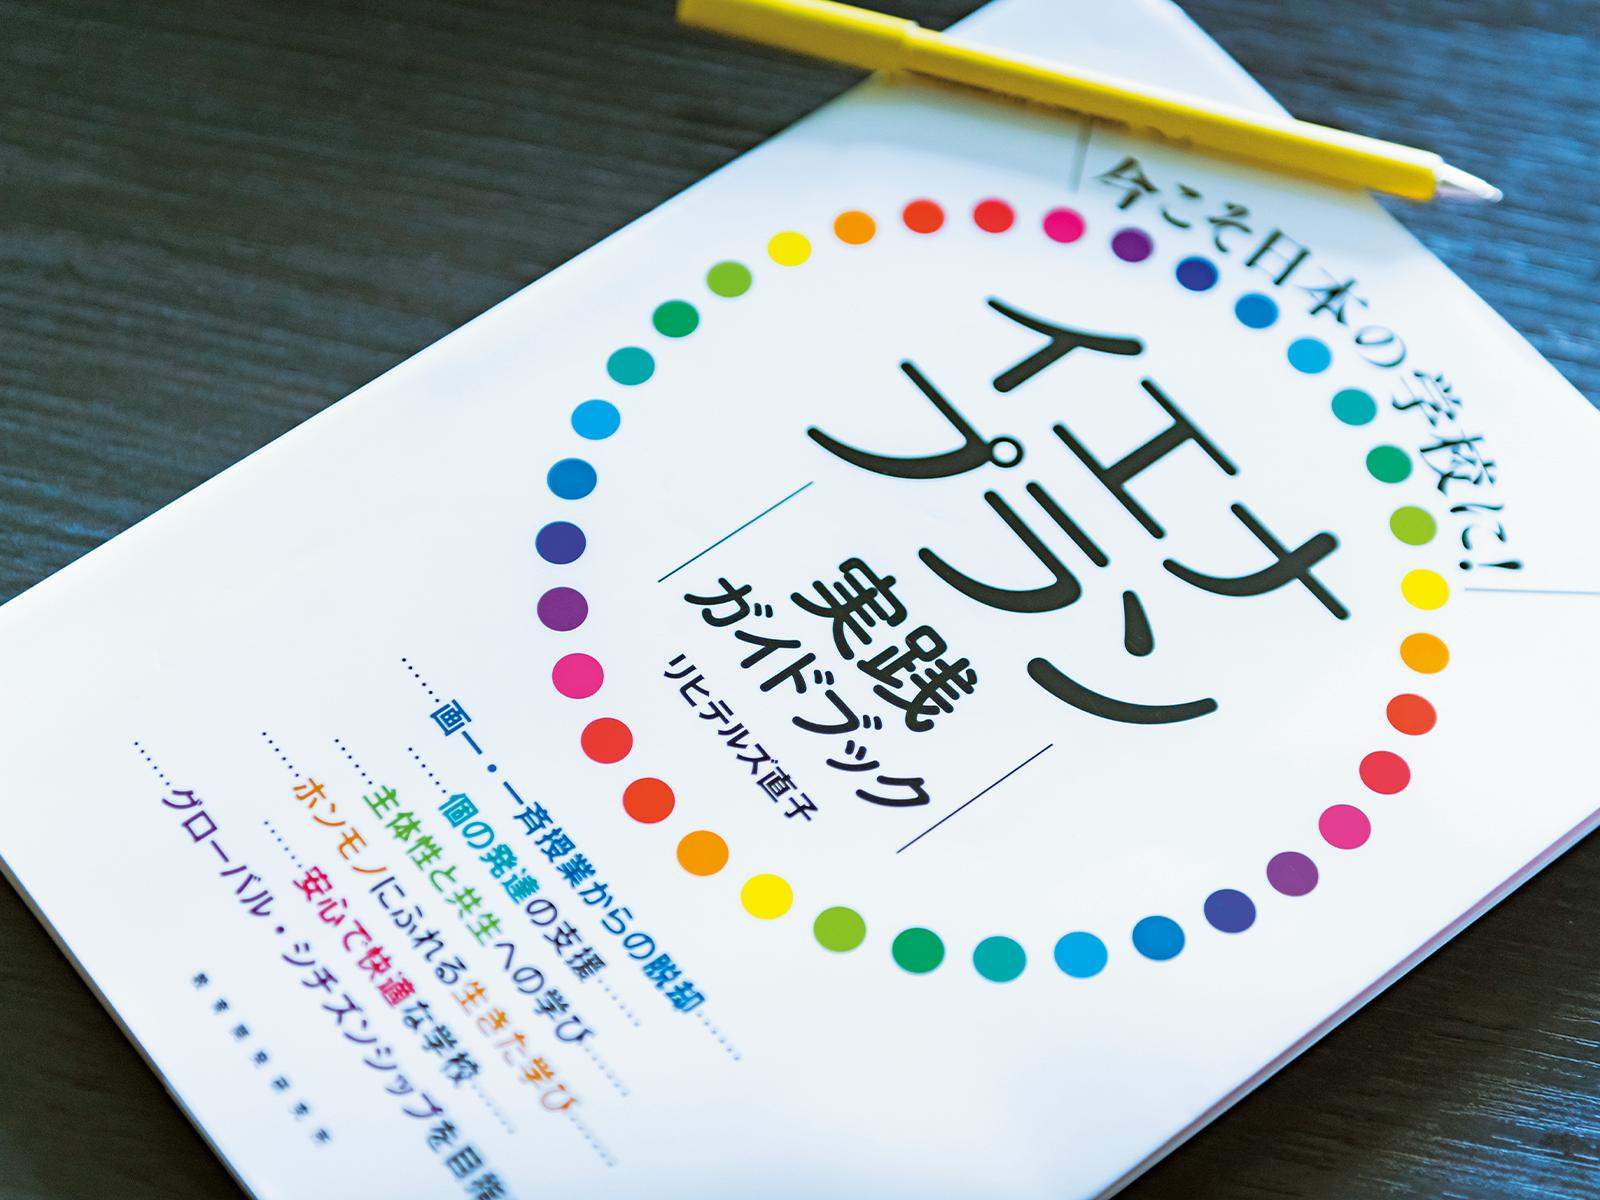 9月に発刊したばかりのリヒテルズさんの新著『今こそ日本の学校に! イエナプラン実践ガイドブック』(教育開発研究所)。イエナプラン教育への関心が高まる中、押さえておきたい歴史、考え方、情報などがわかりやすくまとめられている。